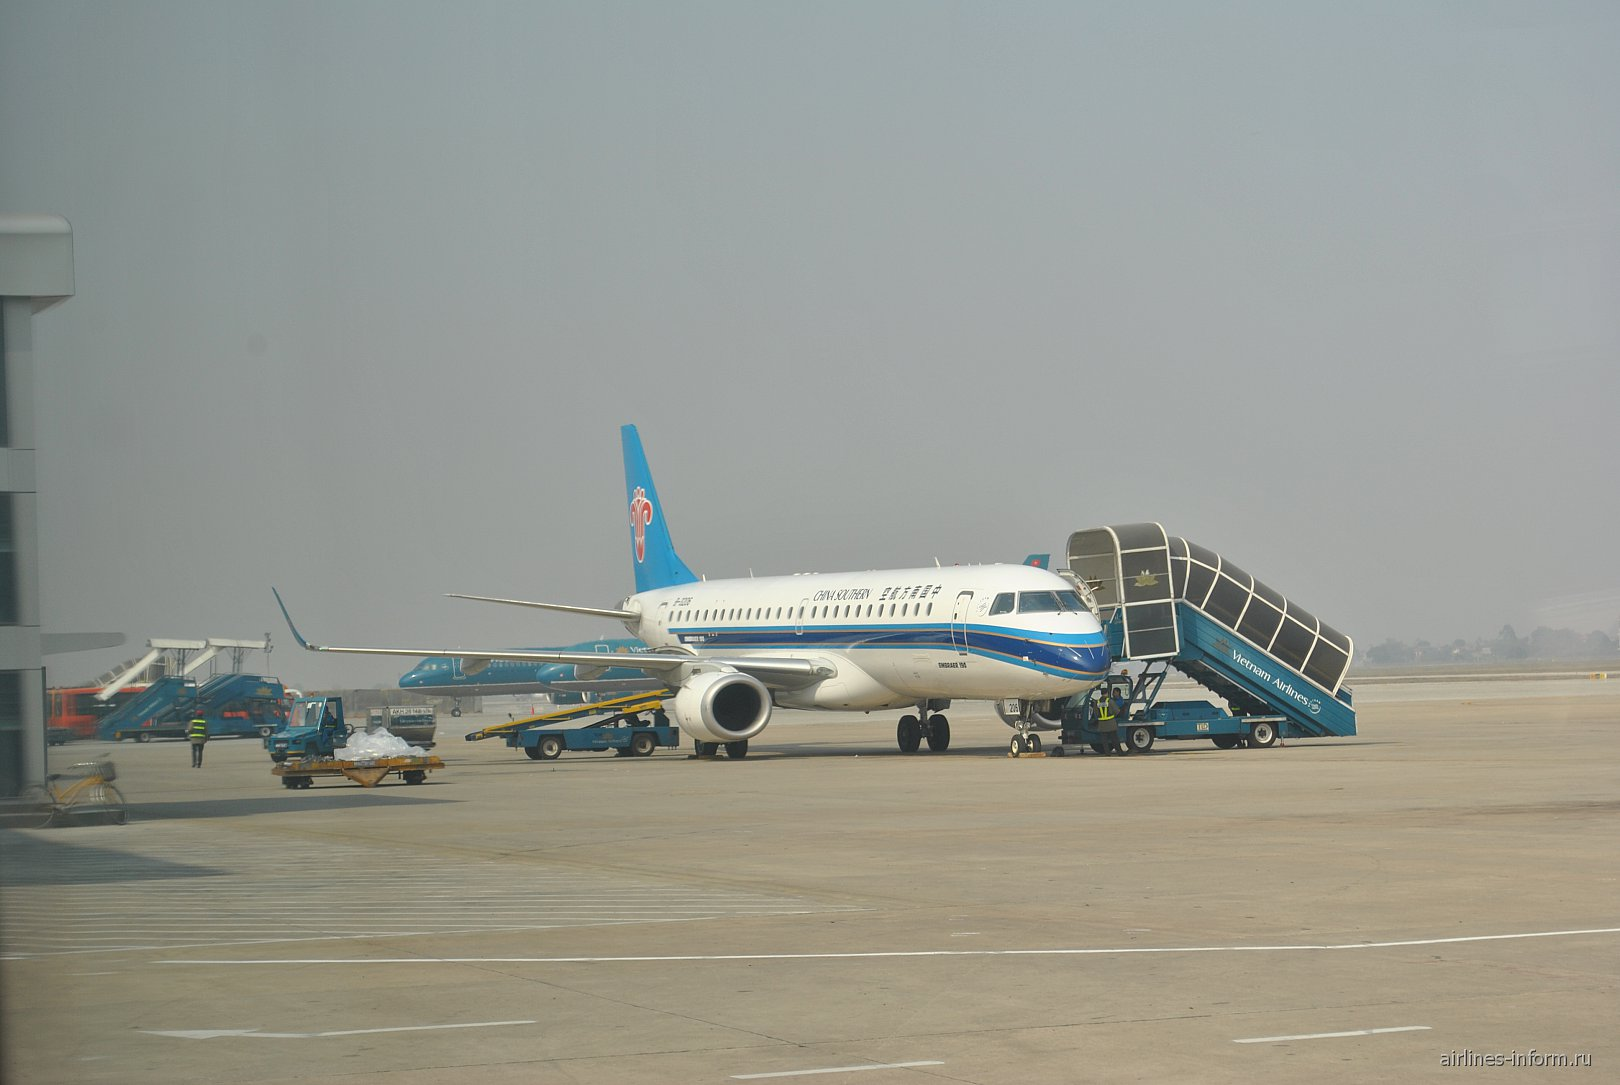 Самолет Embraer 190 авиакомпании China Southern Airlines в аэропорту Ханой Ной Бай